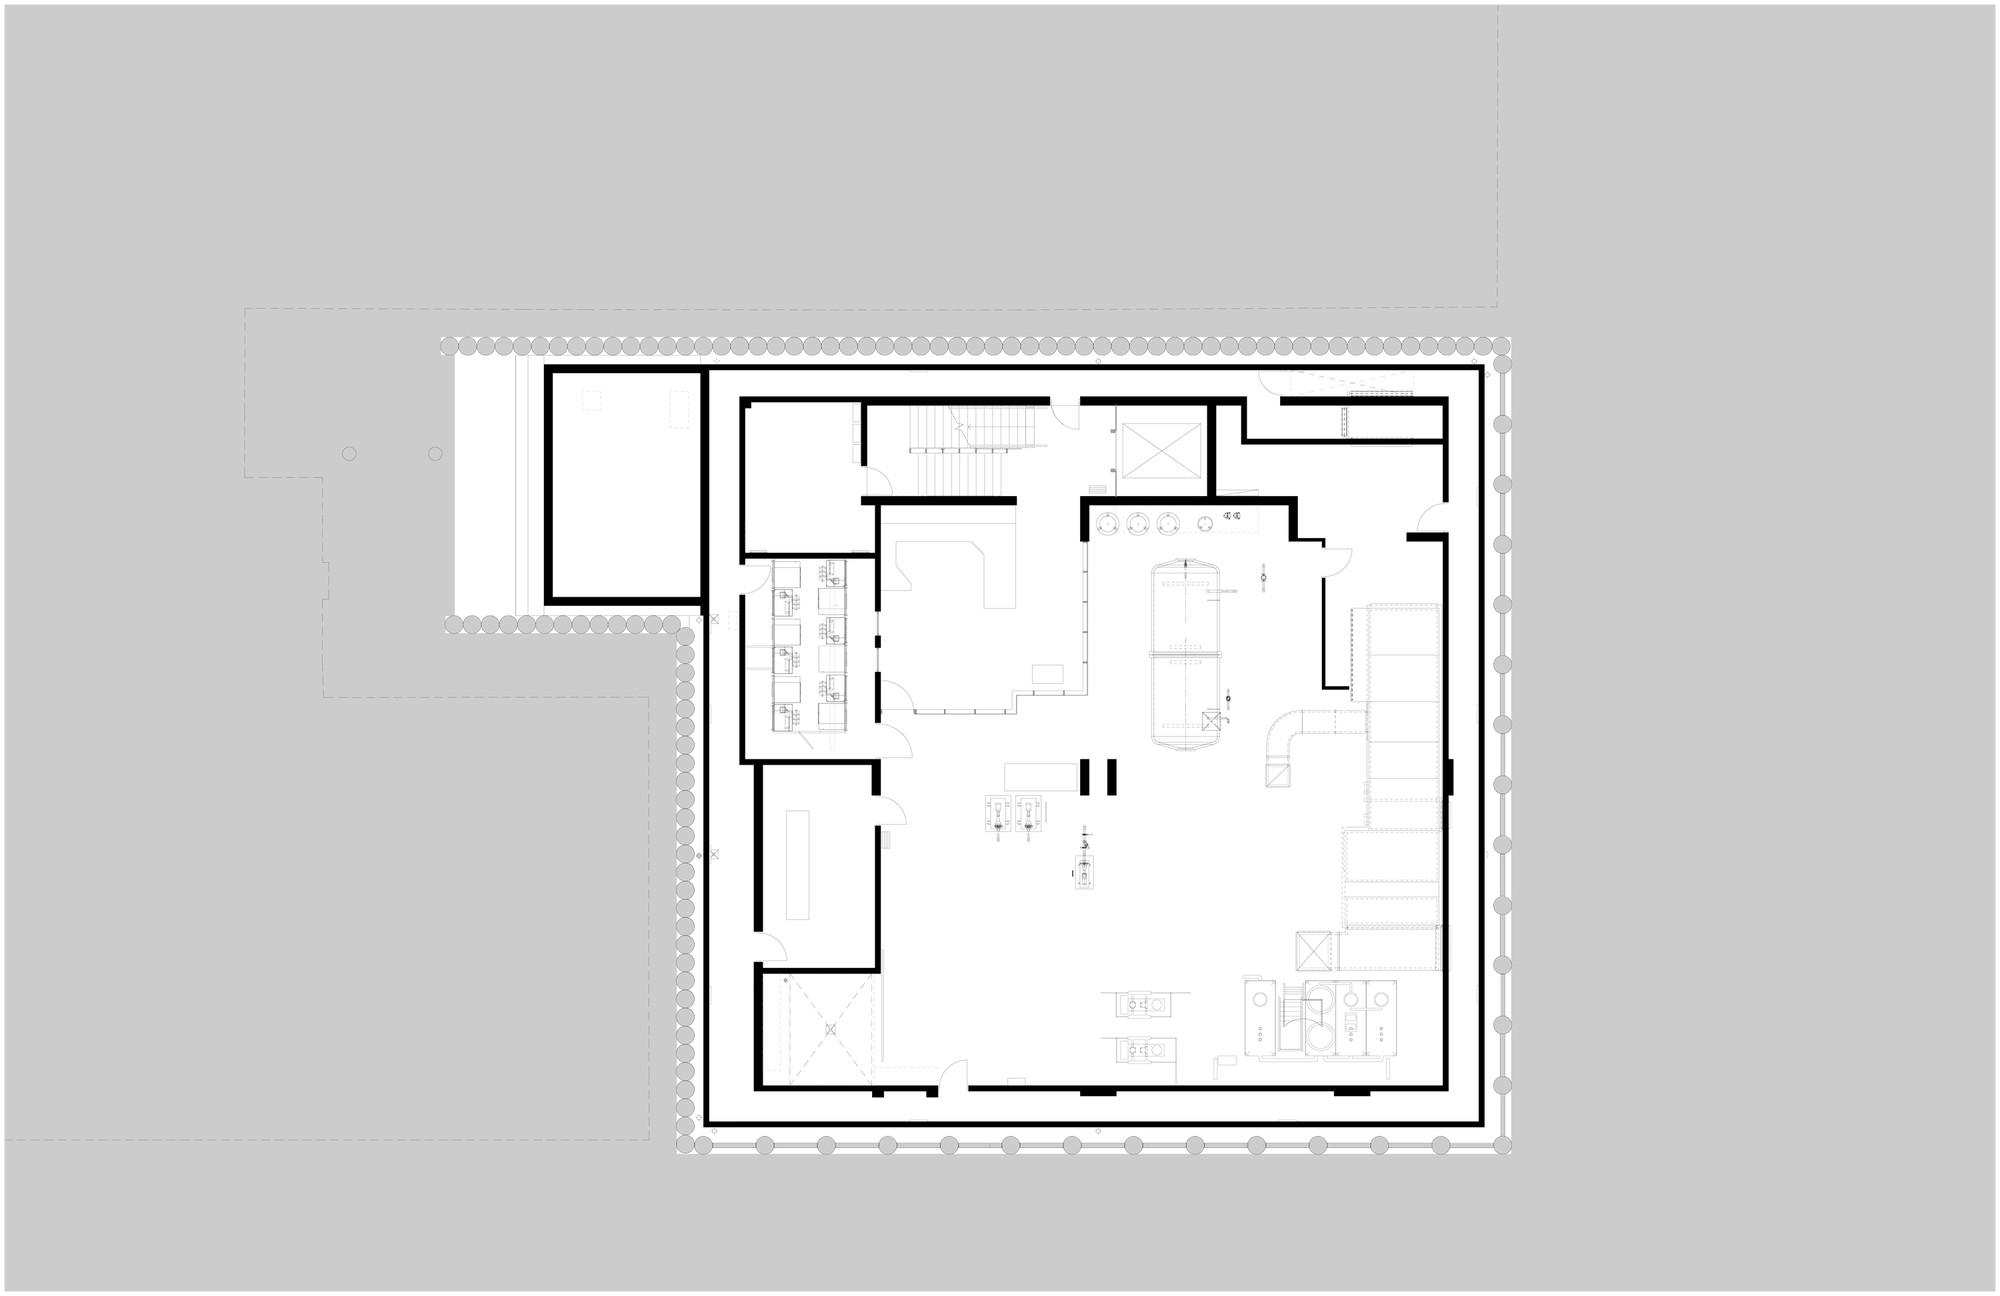 Lovely Basement Floor Plan